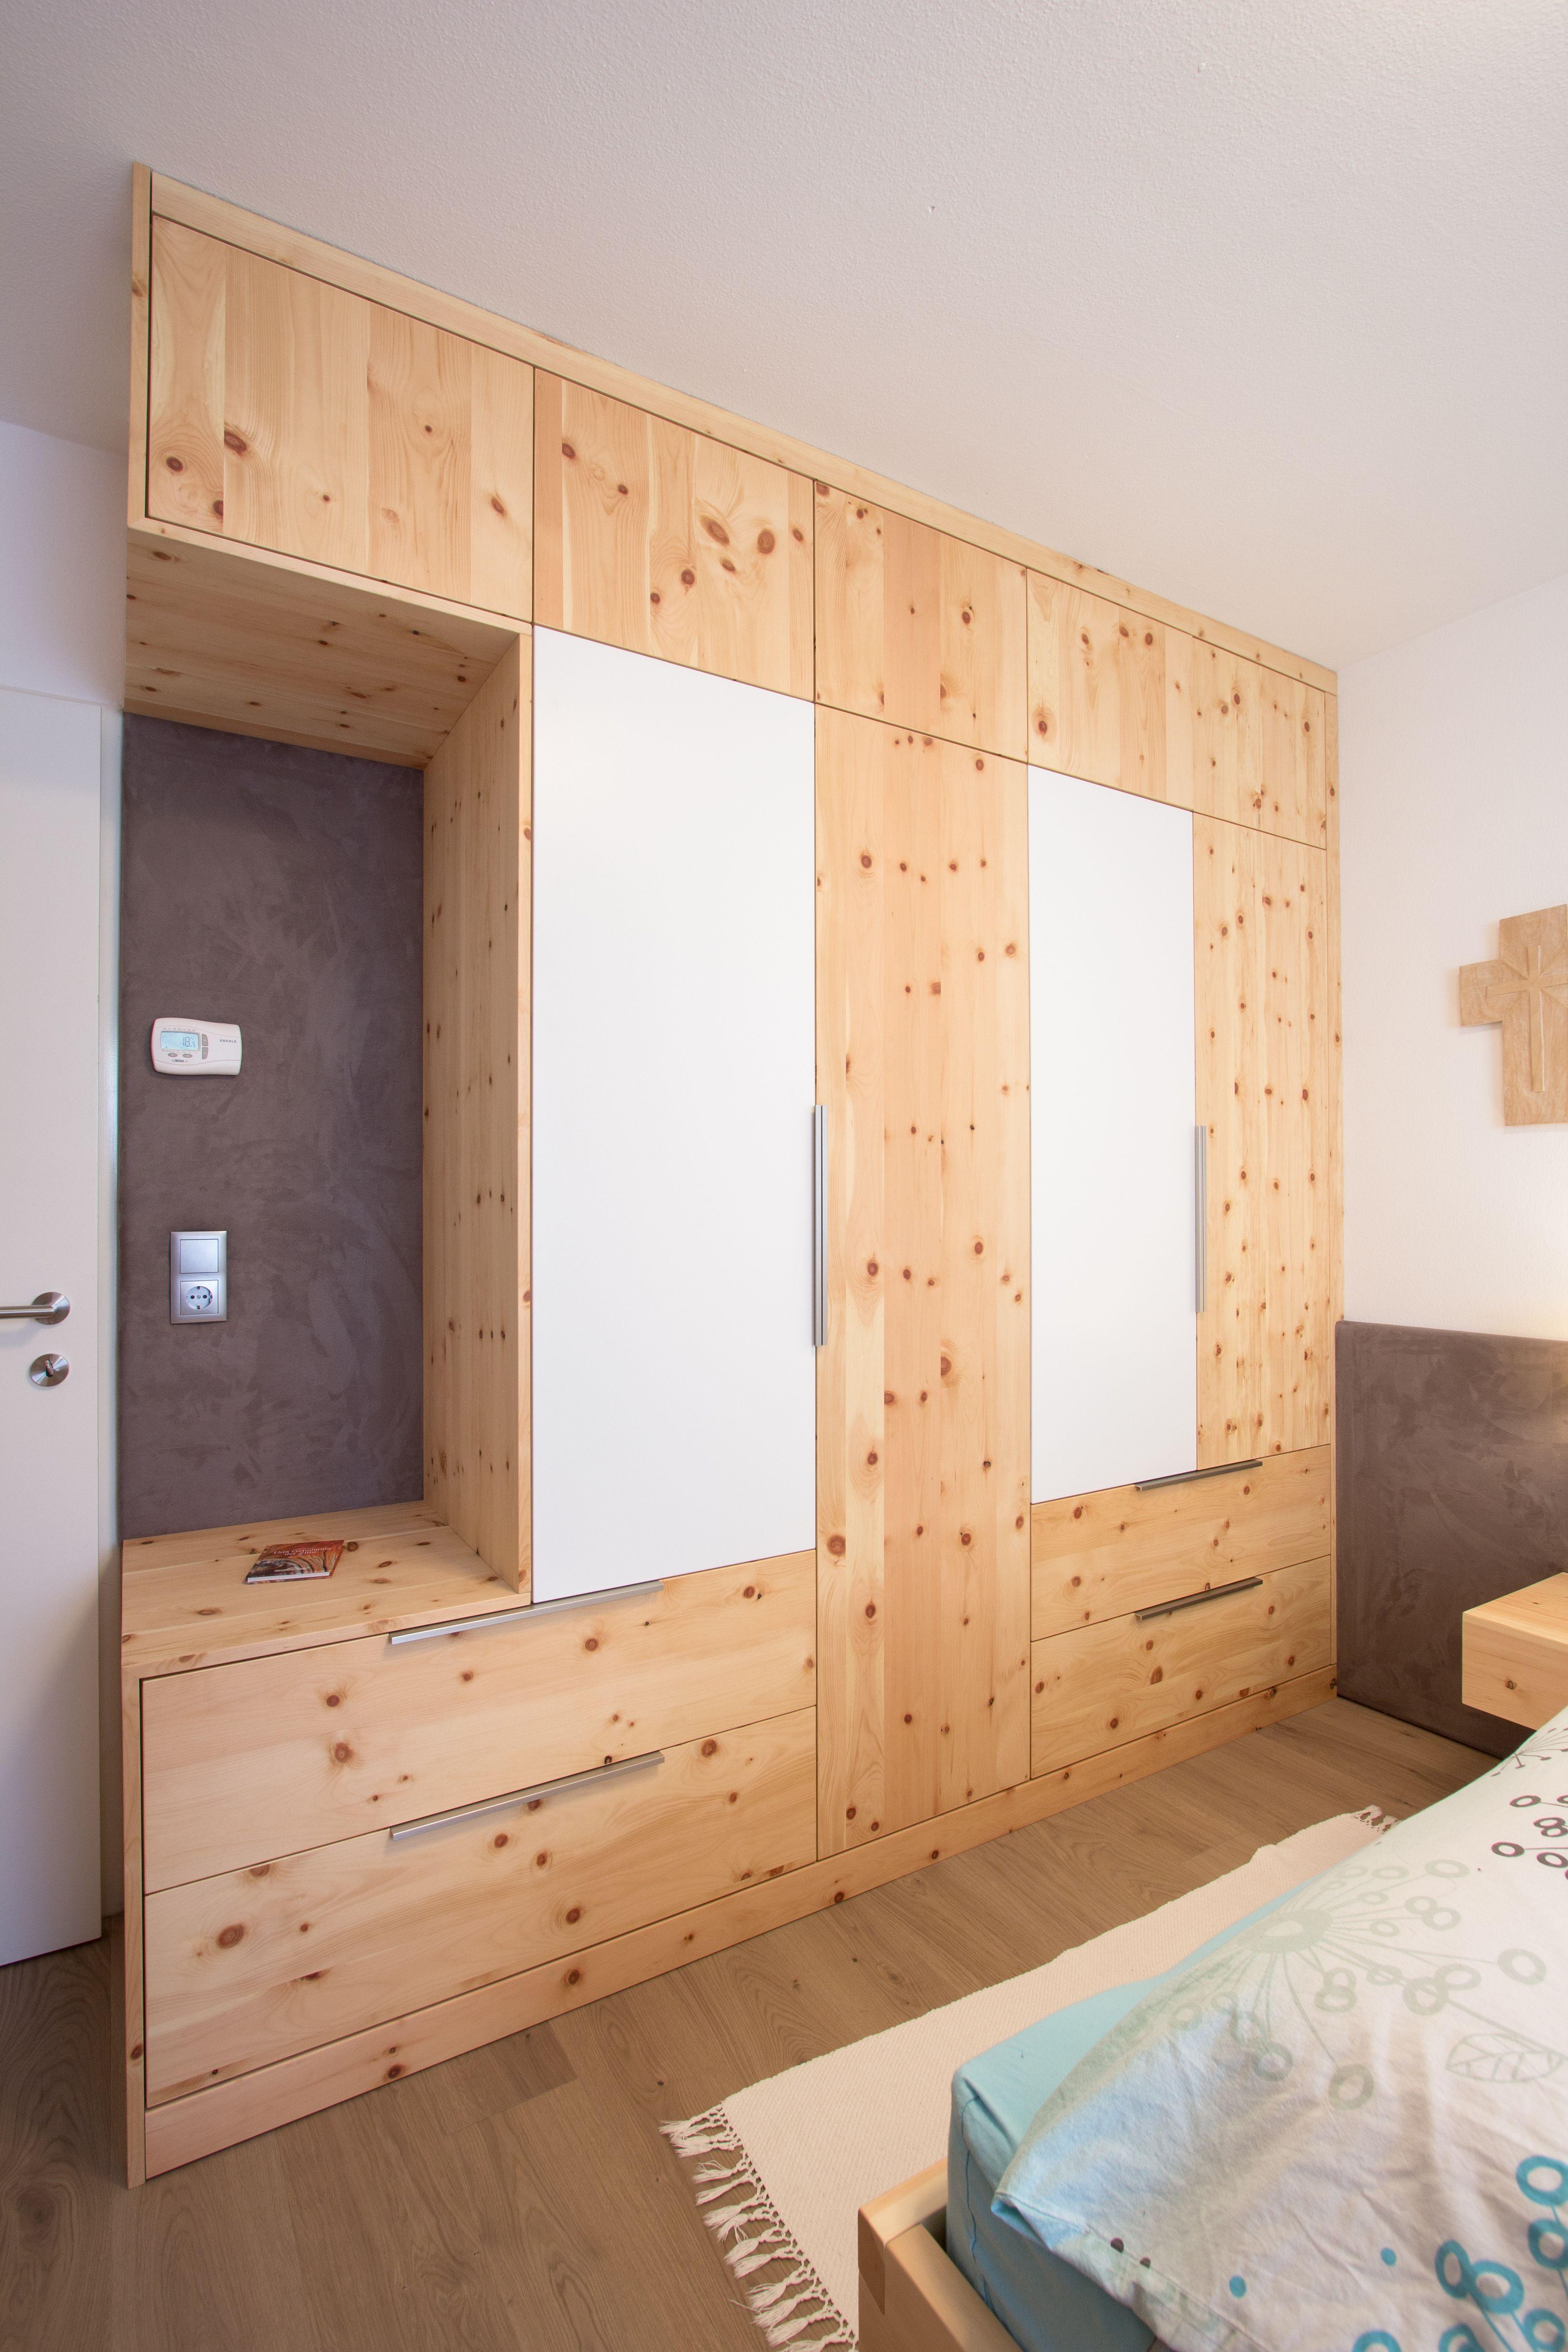 Deckenhoher Schrank aus Zirbenholz kombiniert mit weiß